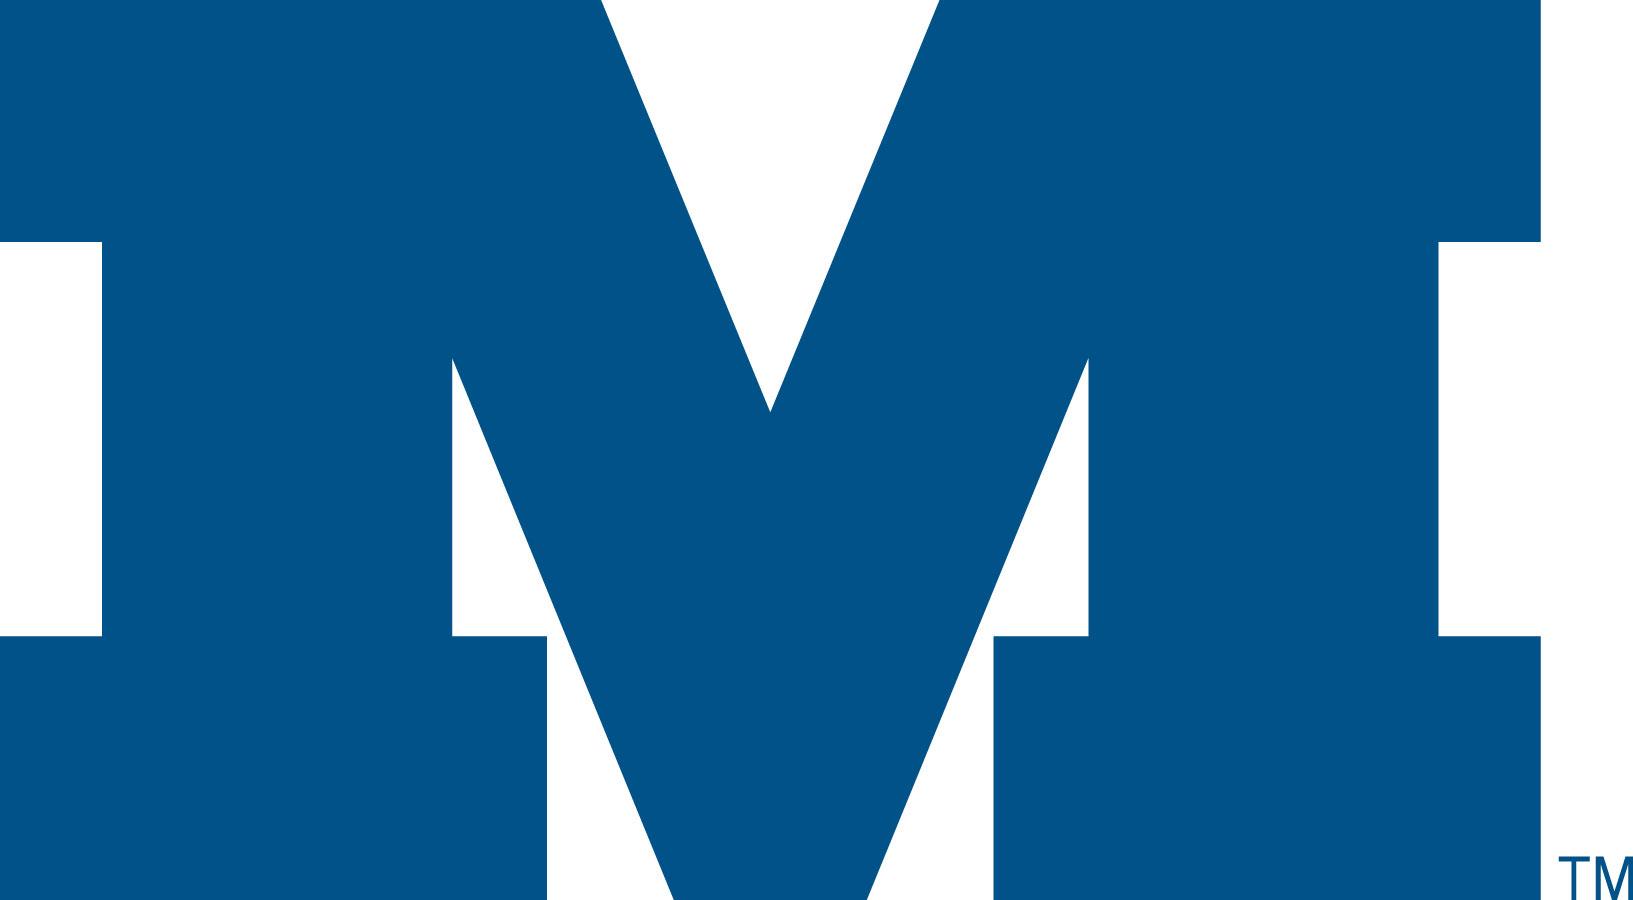 Millikin Big Blue